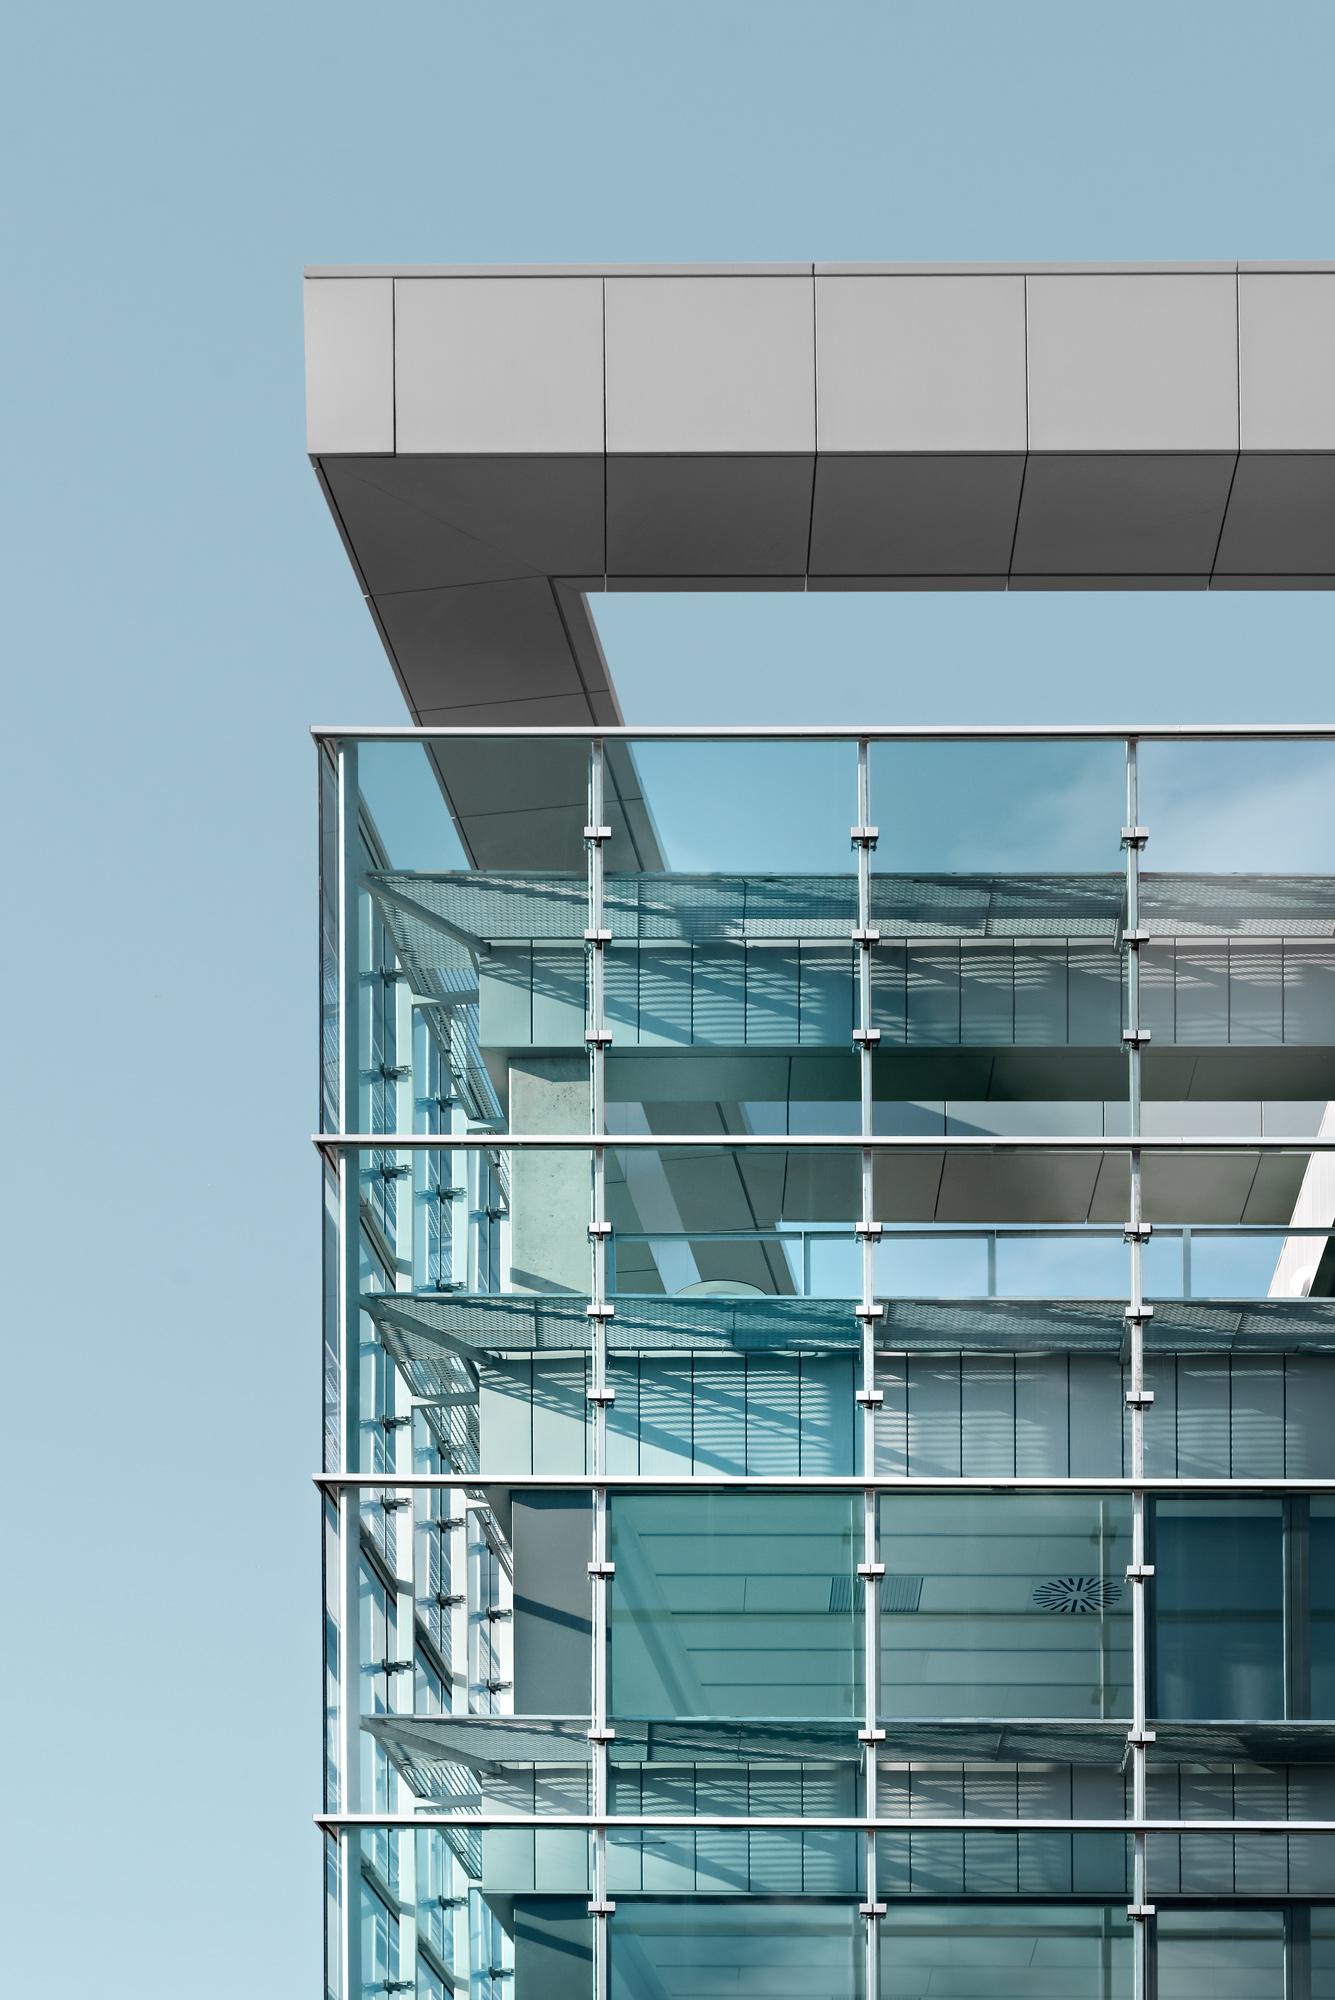 Fotógrafo de architectura en Andalusia, Dani Vottero - ARQUITECTURA - Fotografía de Arquitectura | Dani Vottero